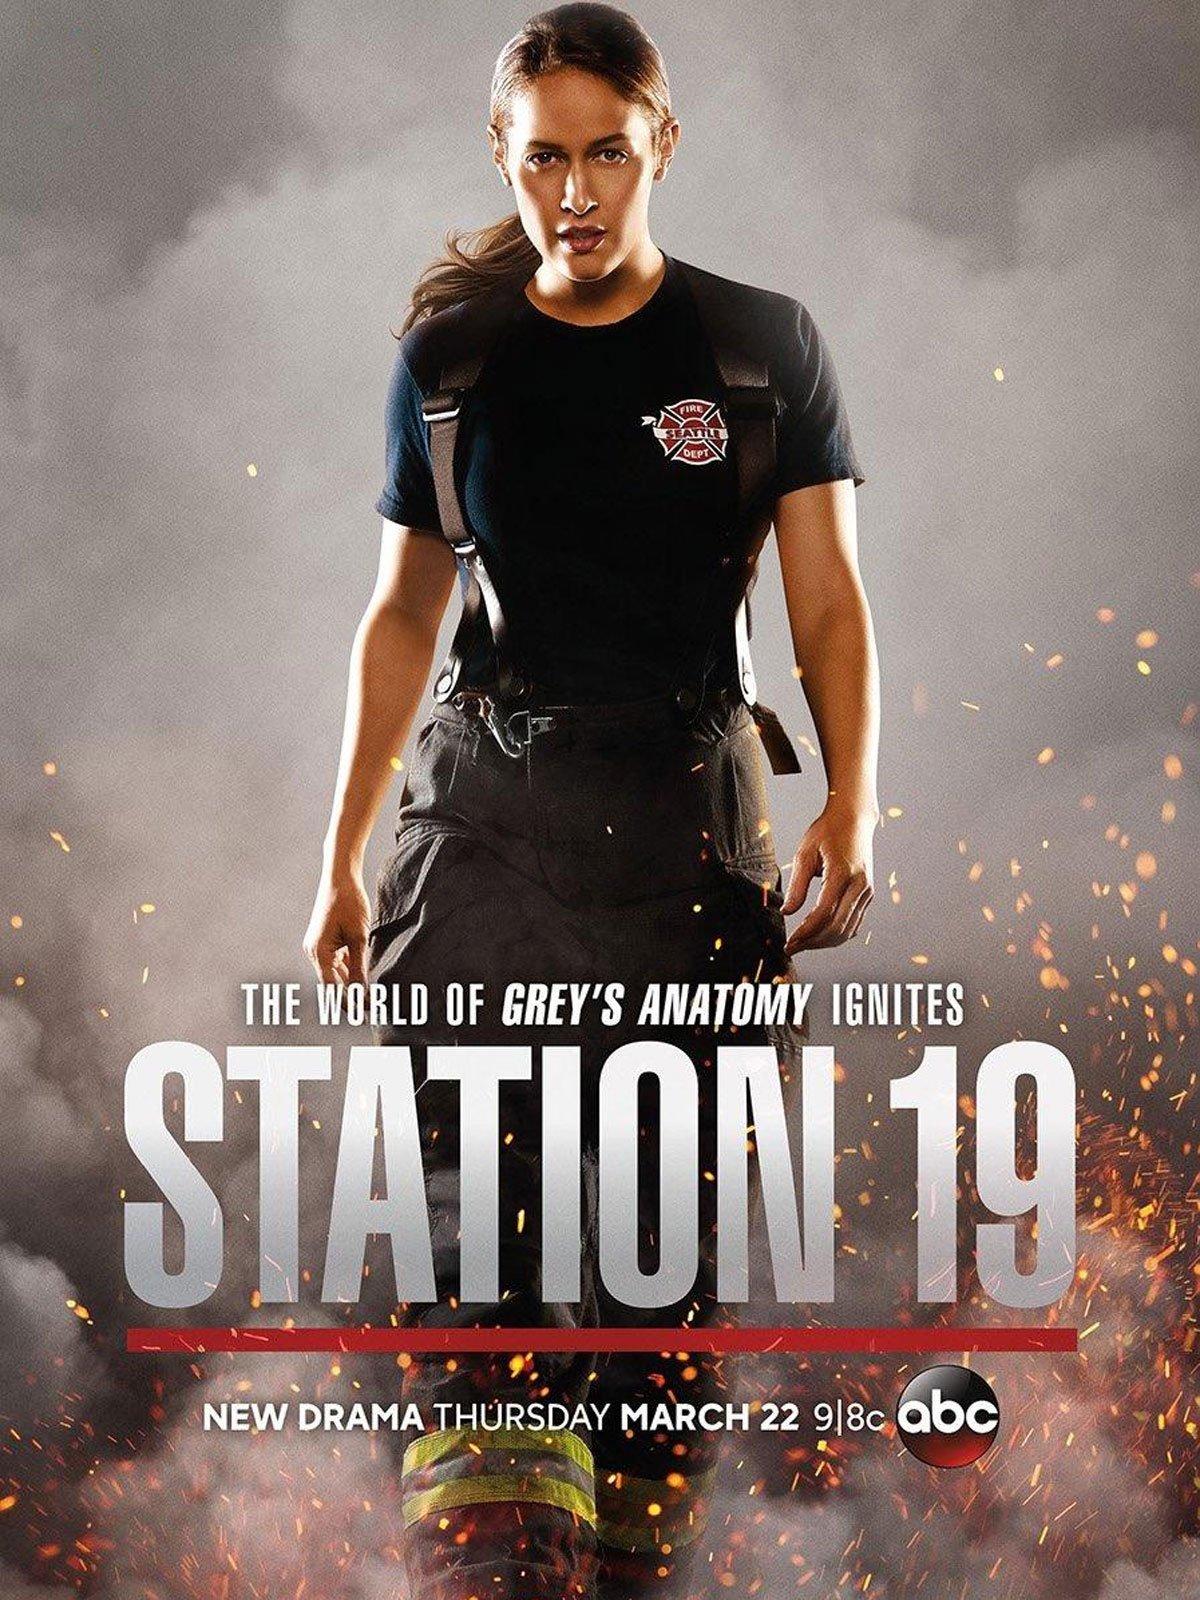 Affiche de la série Station 19